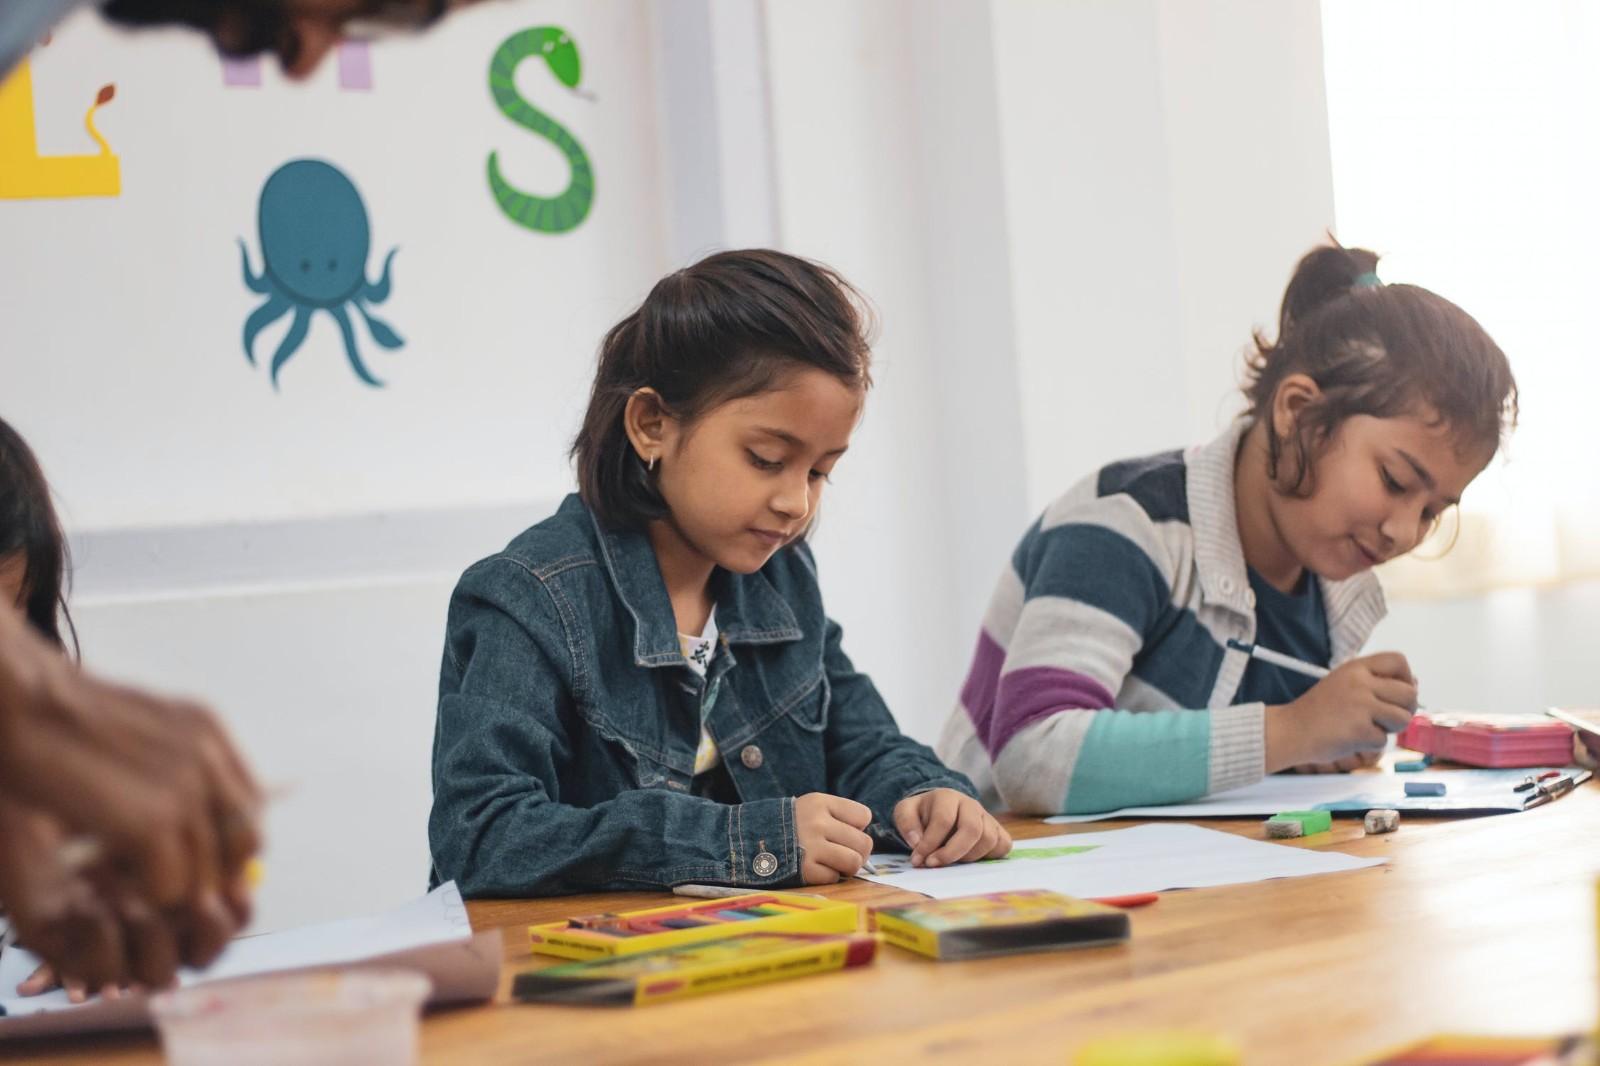 发现孩子早恋家长应该怎么办_孩子应该怎么样教育_孩子英语学不进去了,应该怎么办